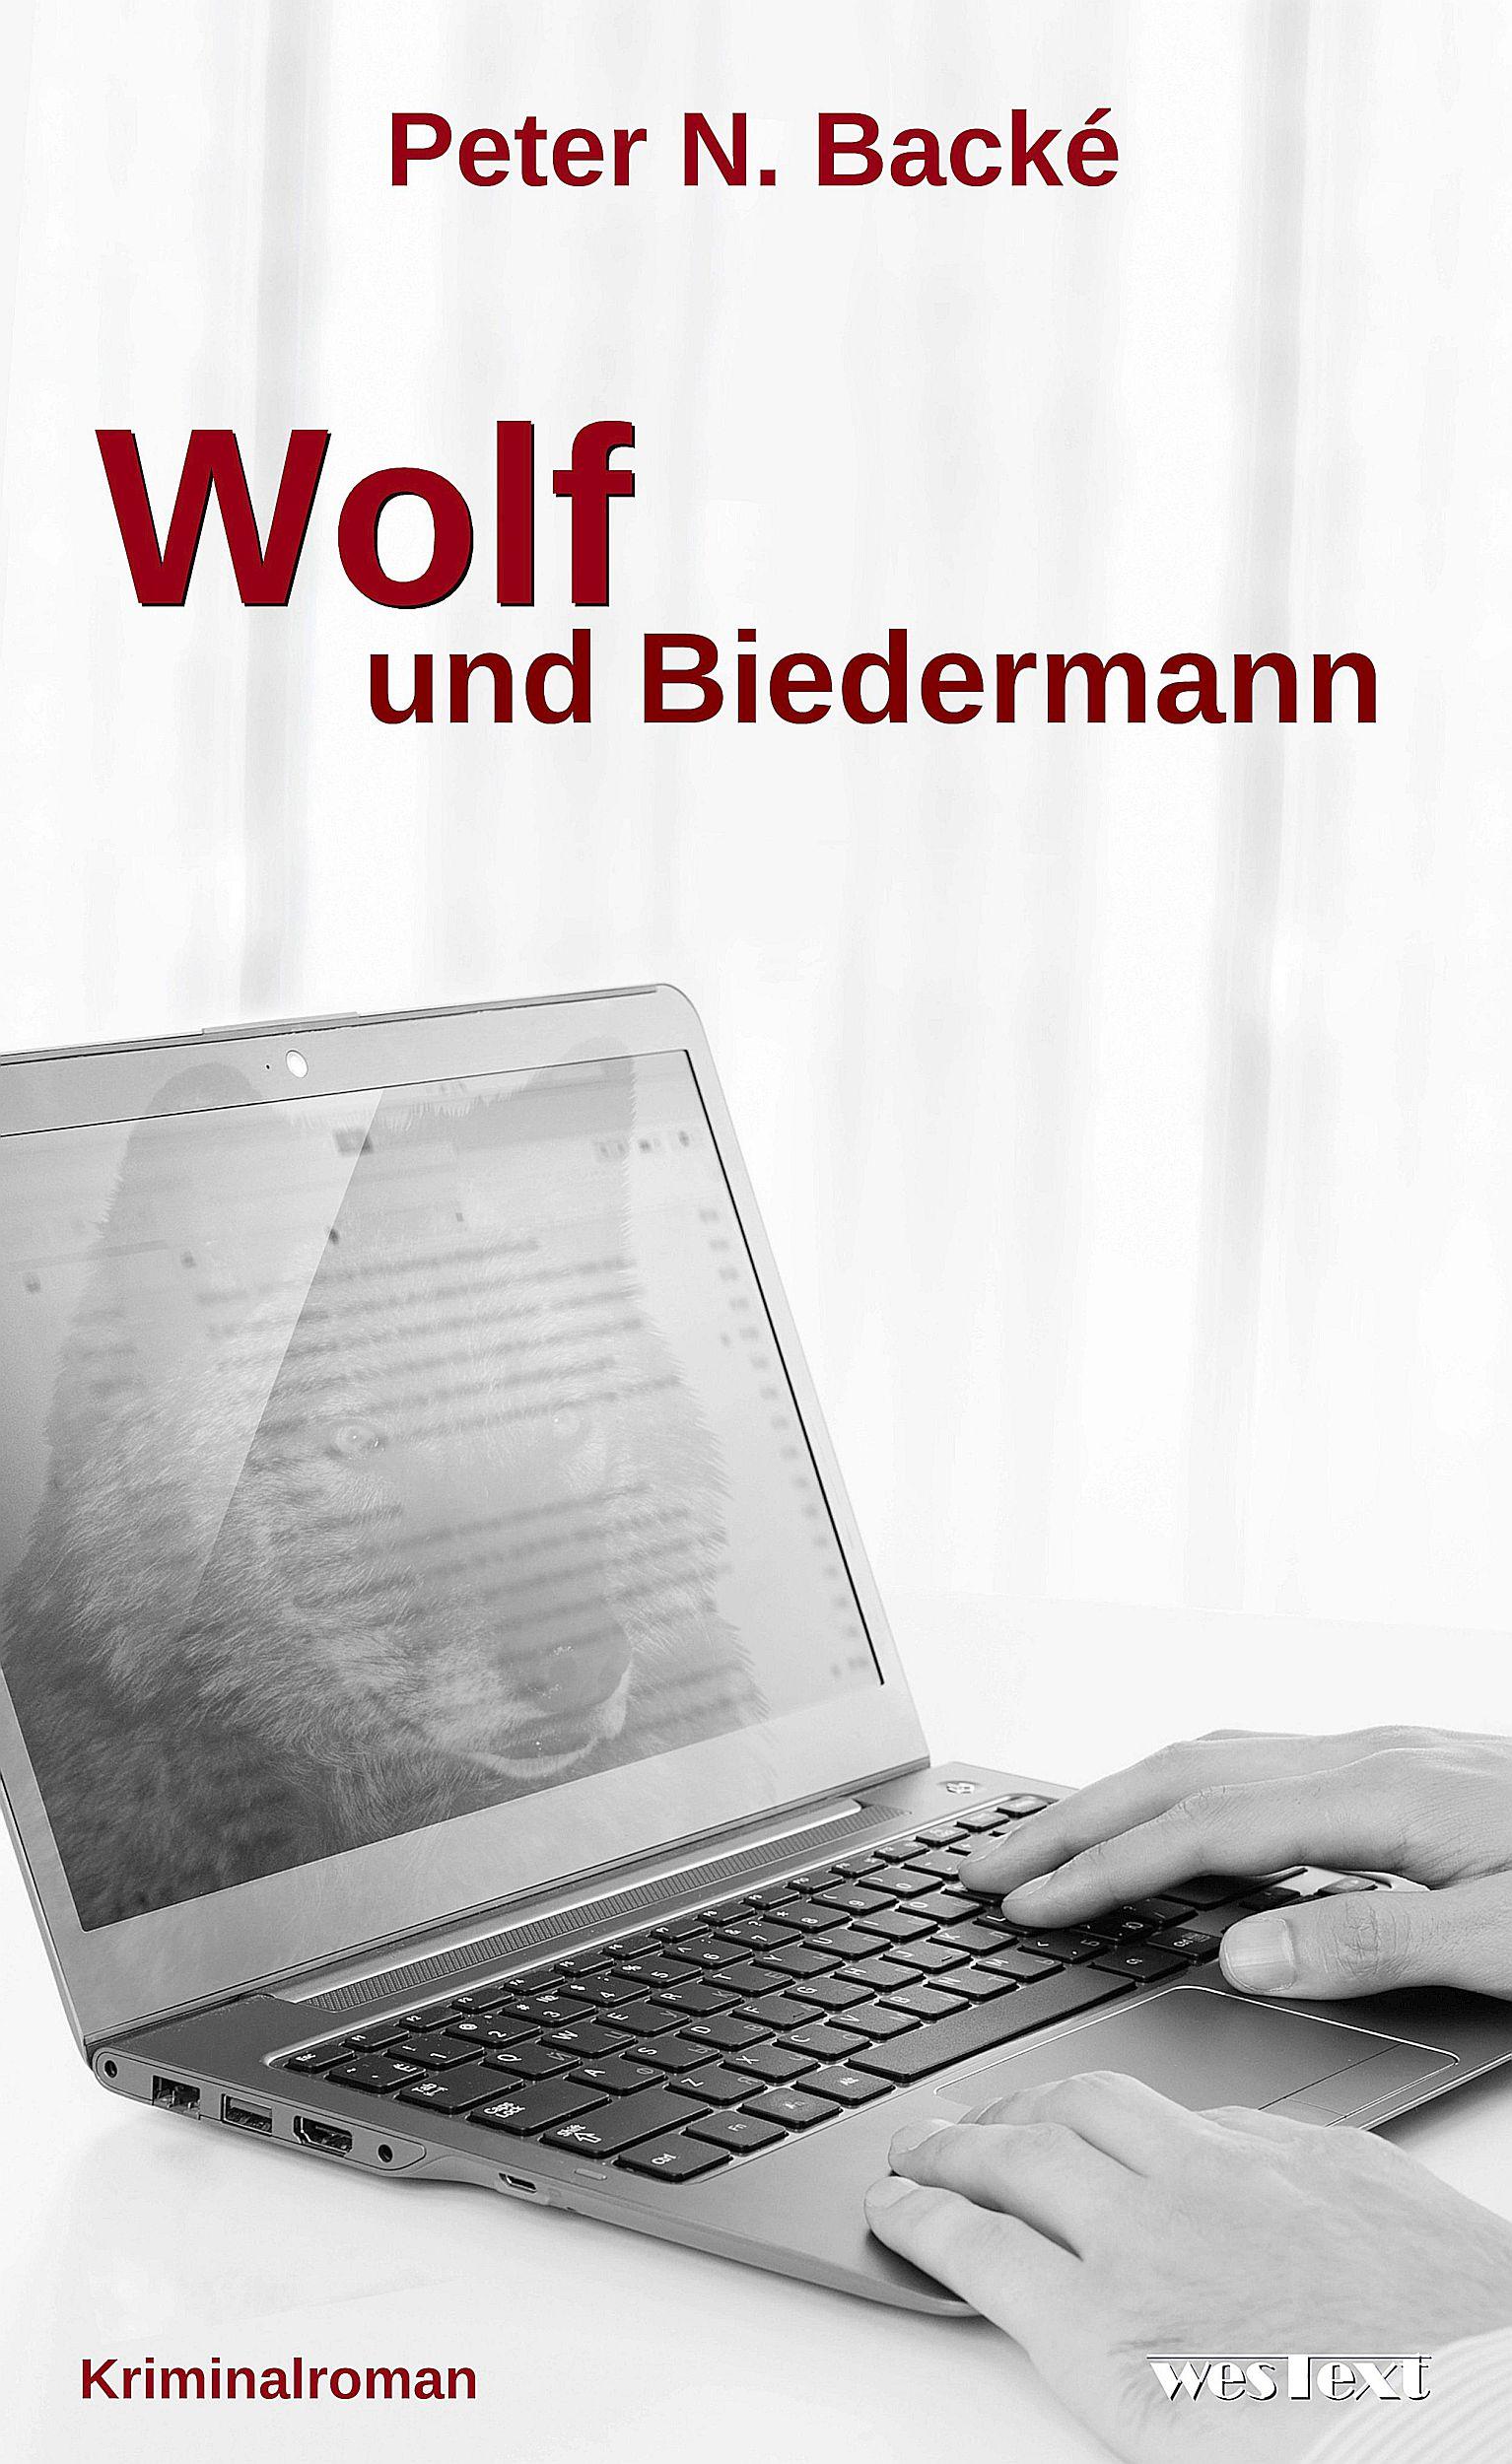 Wolf und Biedermann